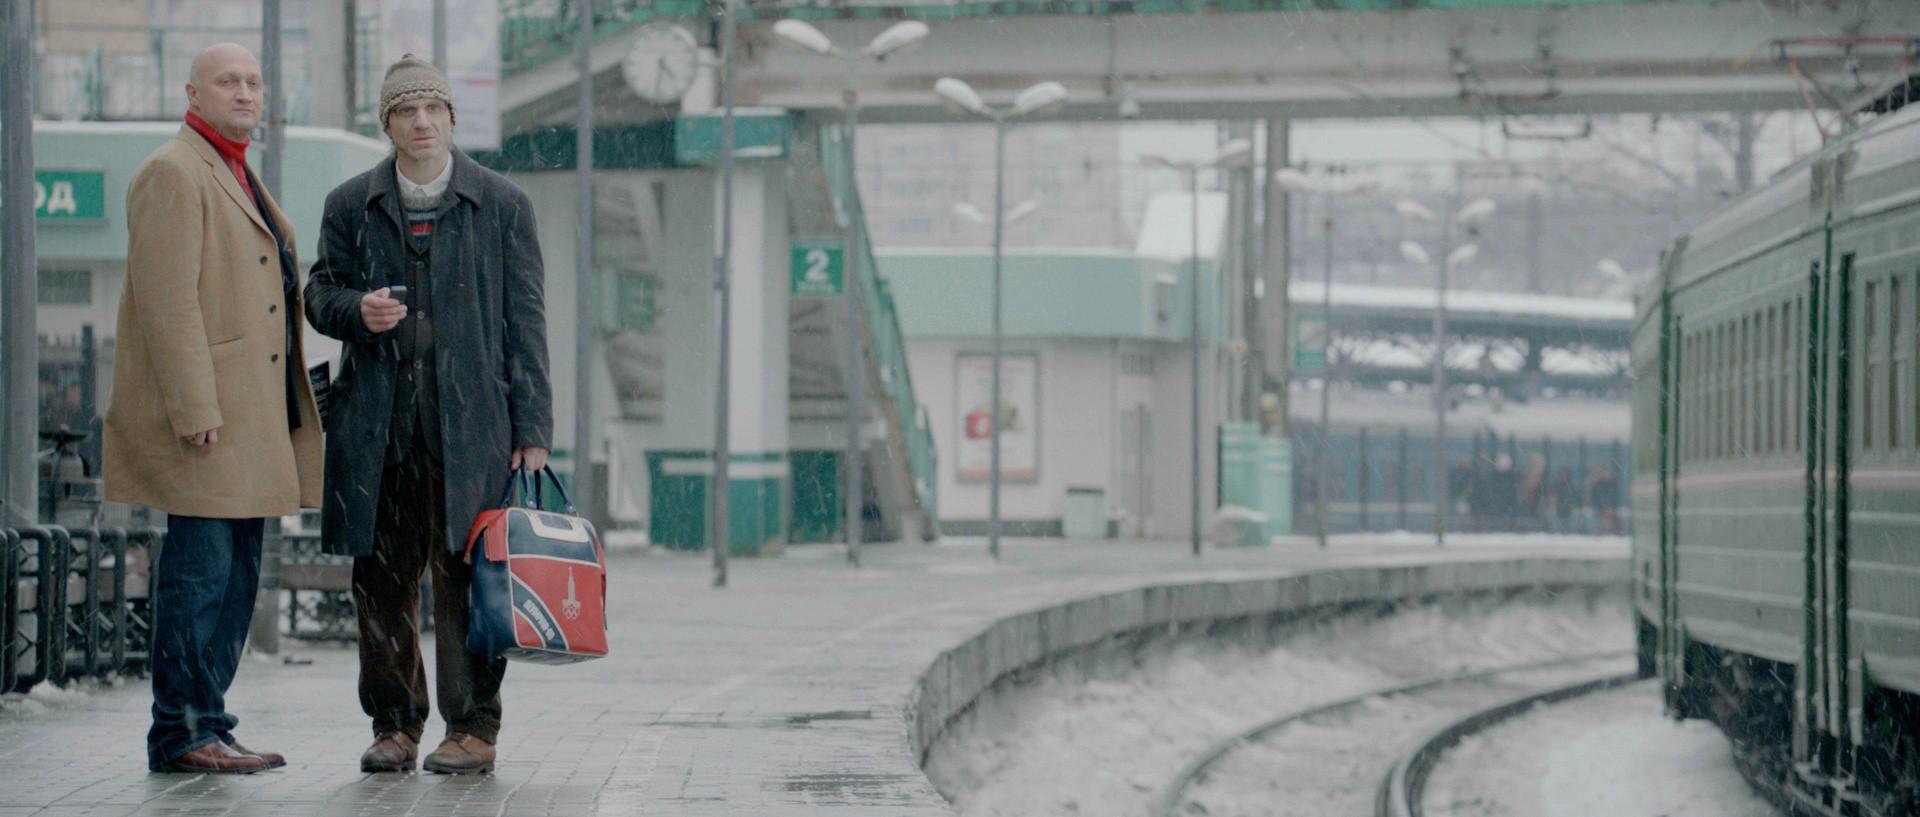 кадры из фильма Со мною вот что происходит Гоша Куценко, Виктор Шамиров,